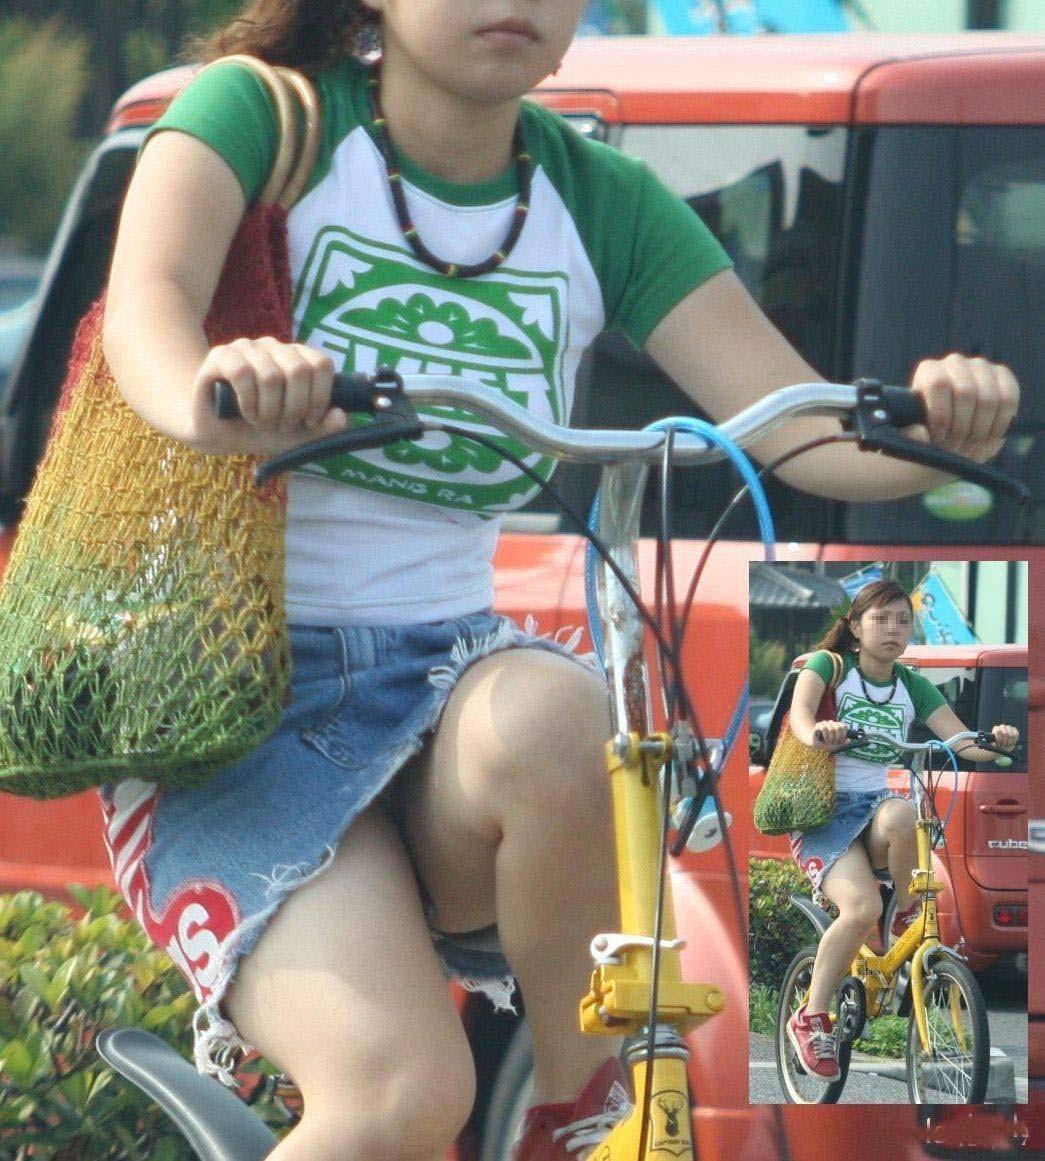 【パンチラエロ画像】見られたくなきゃ乗らなきゃいい自転車パンチラwww 29